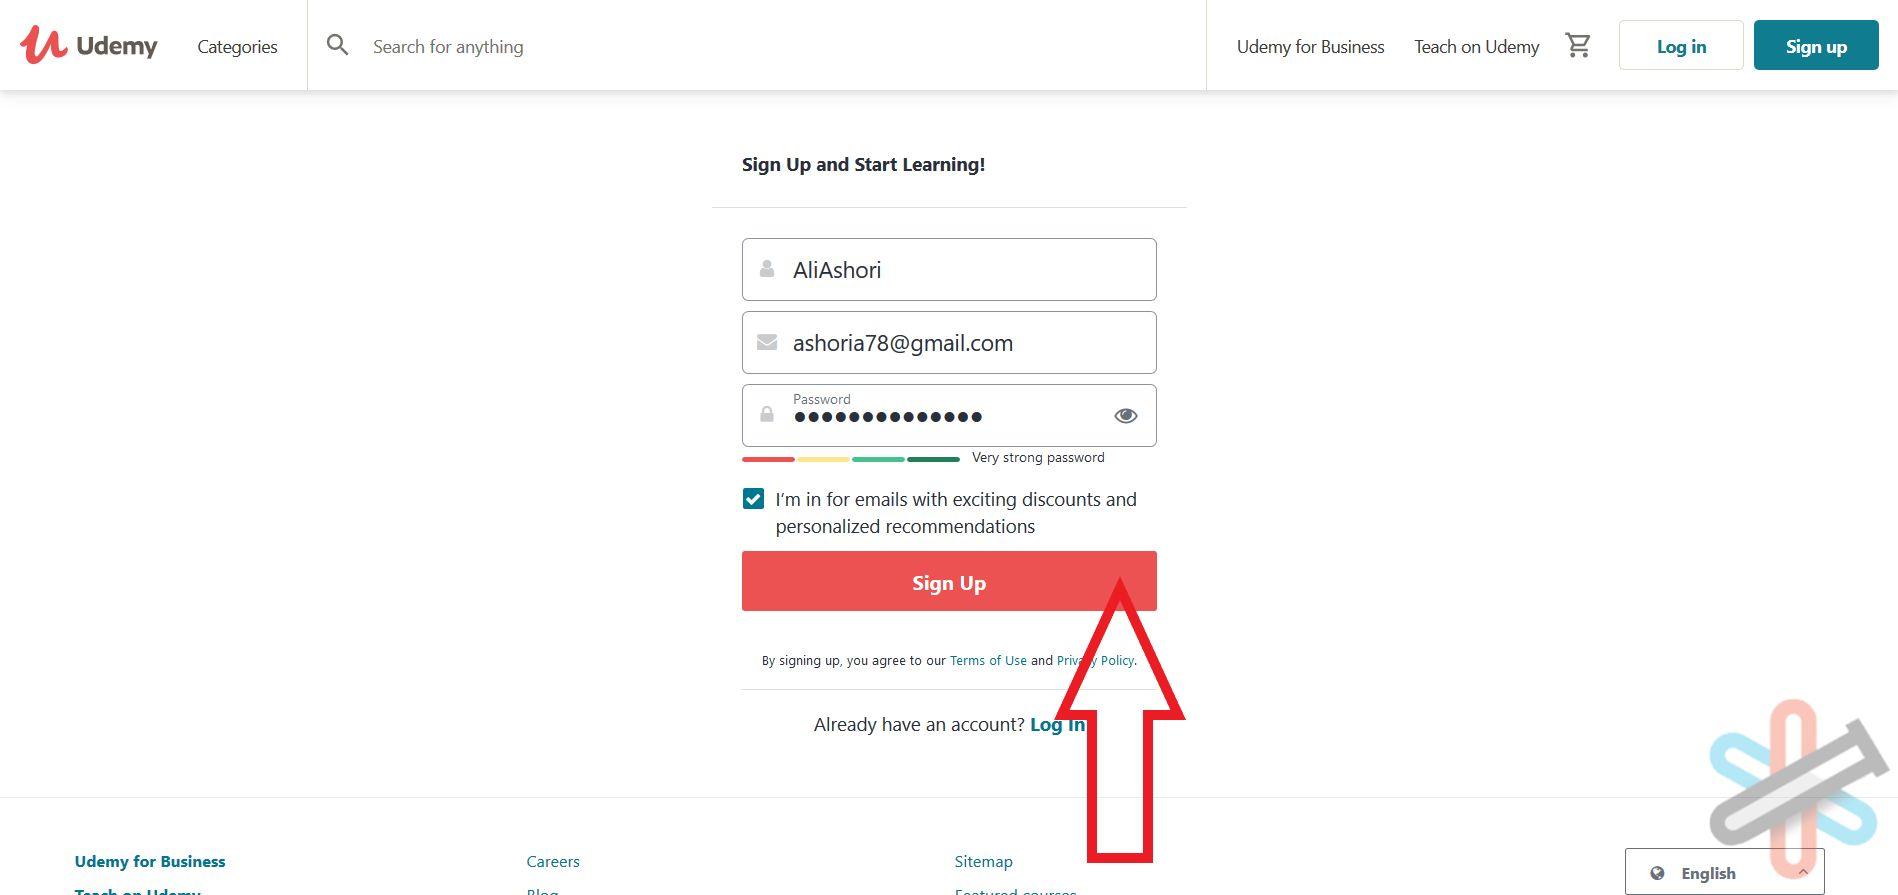 آموزش دریافت رایگان از سایت یودمی (Udemy) + ساخت اکانت 4